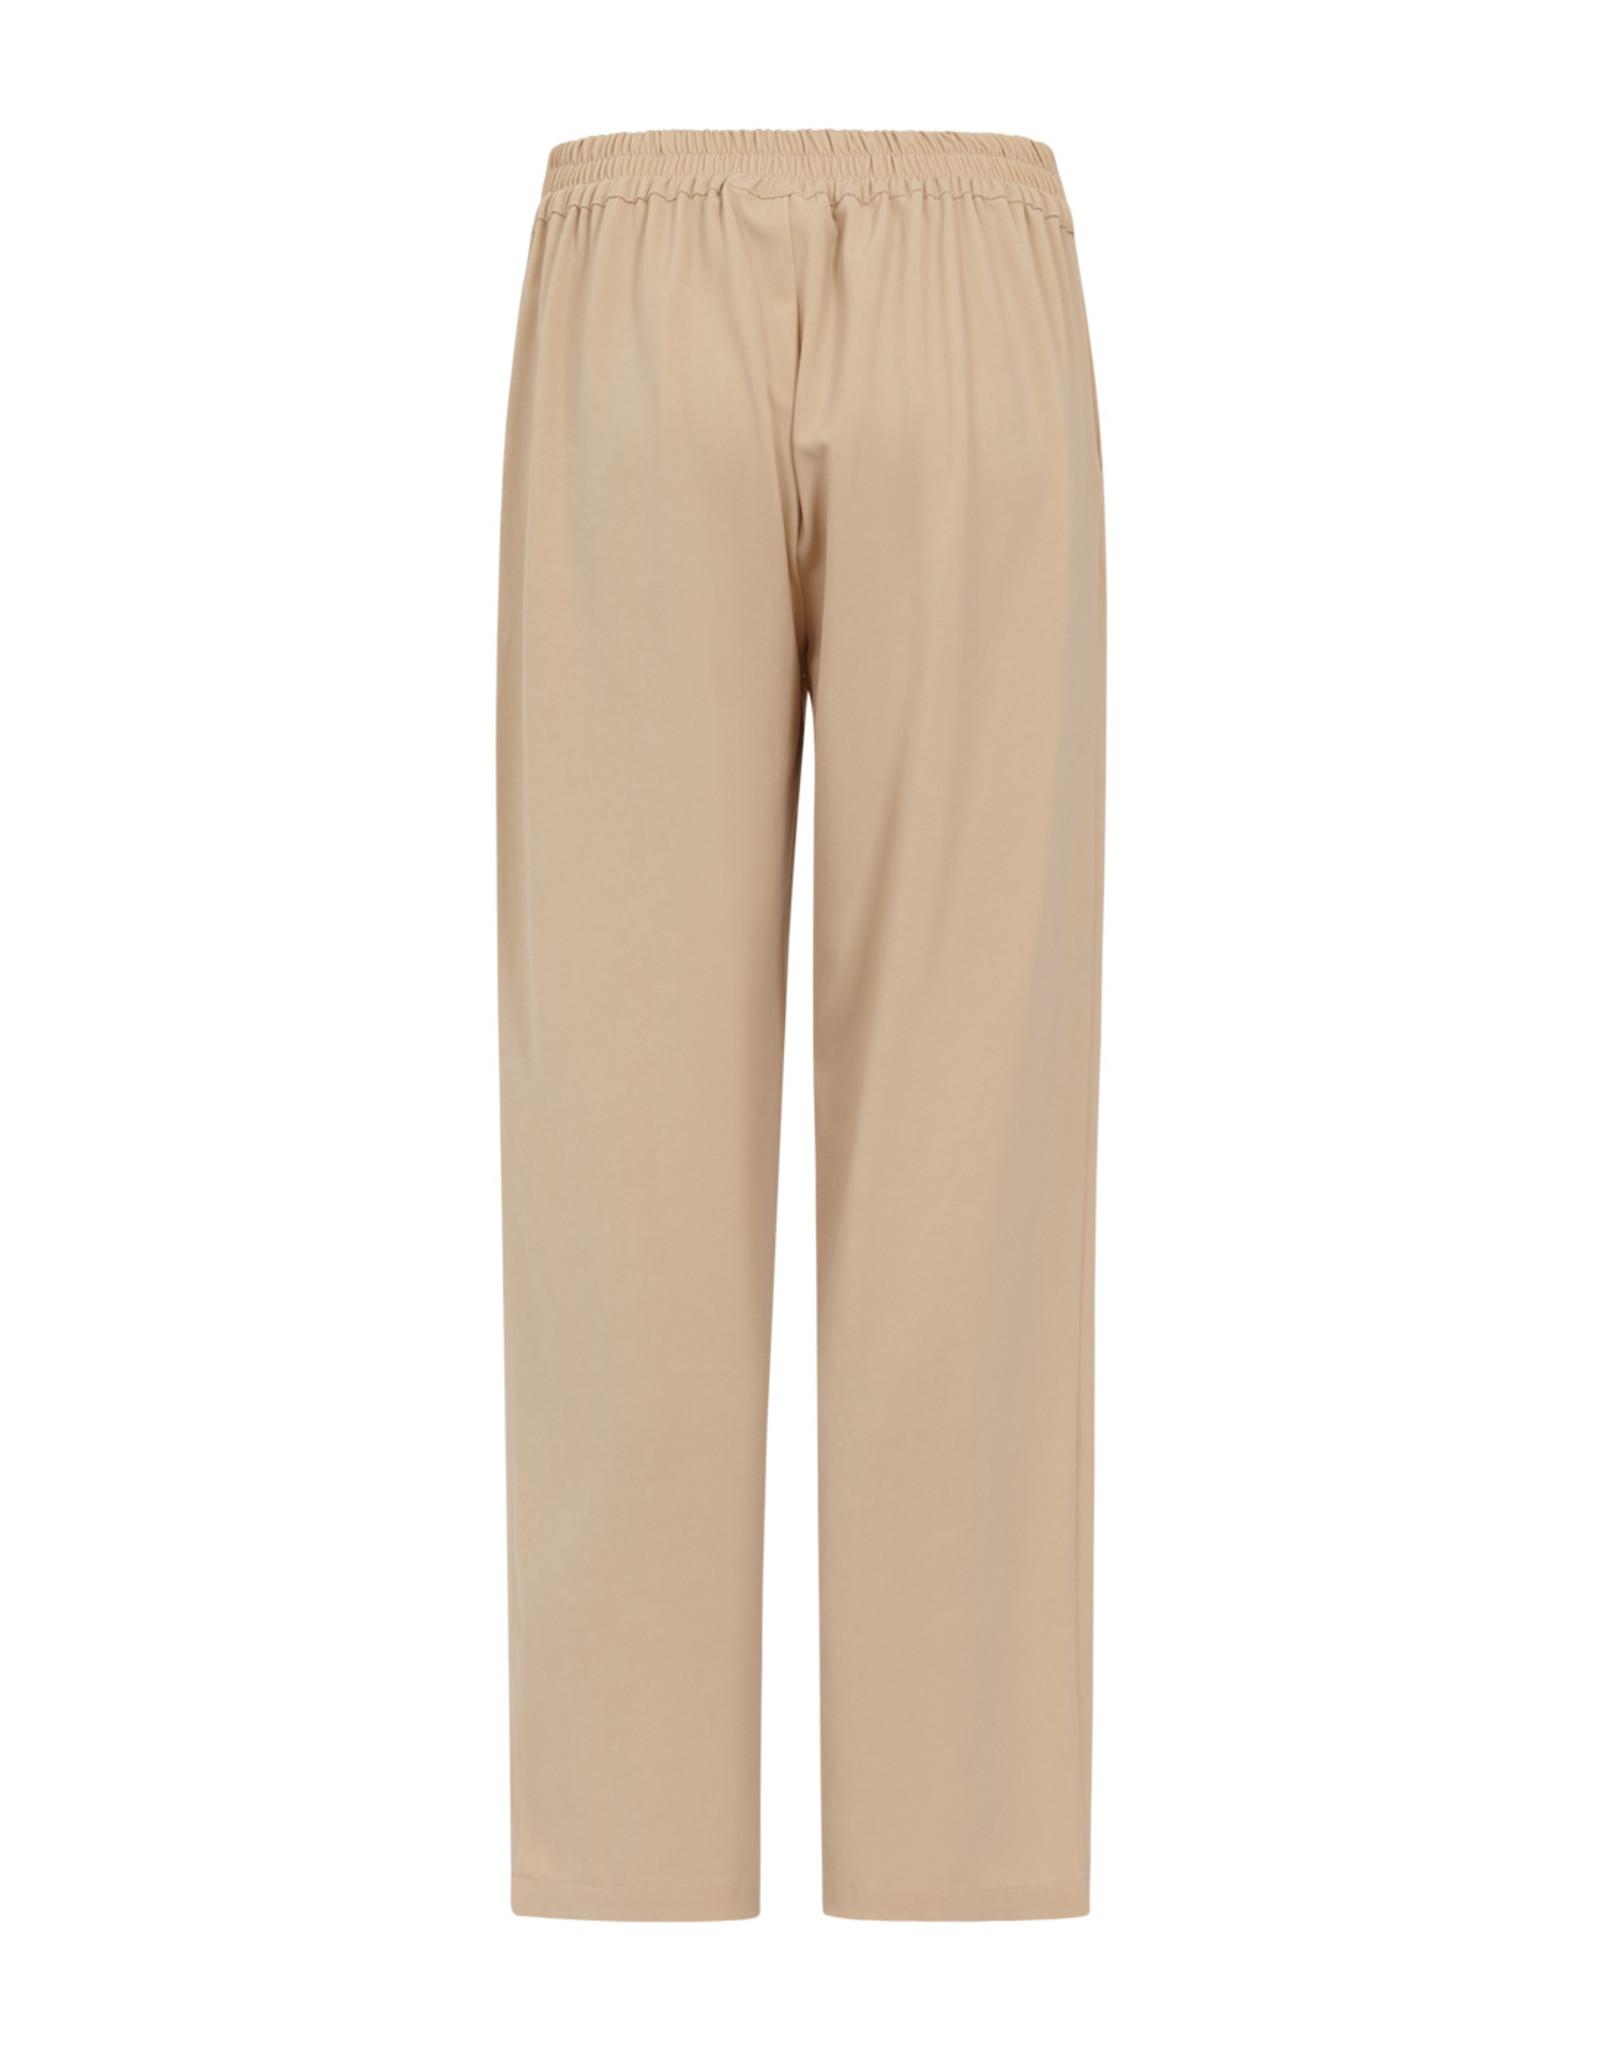 211-3166 Pants Soyeux